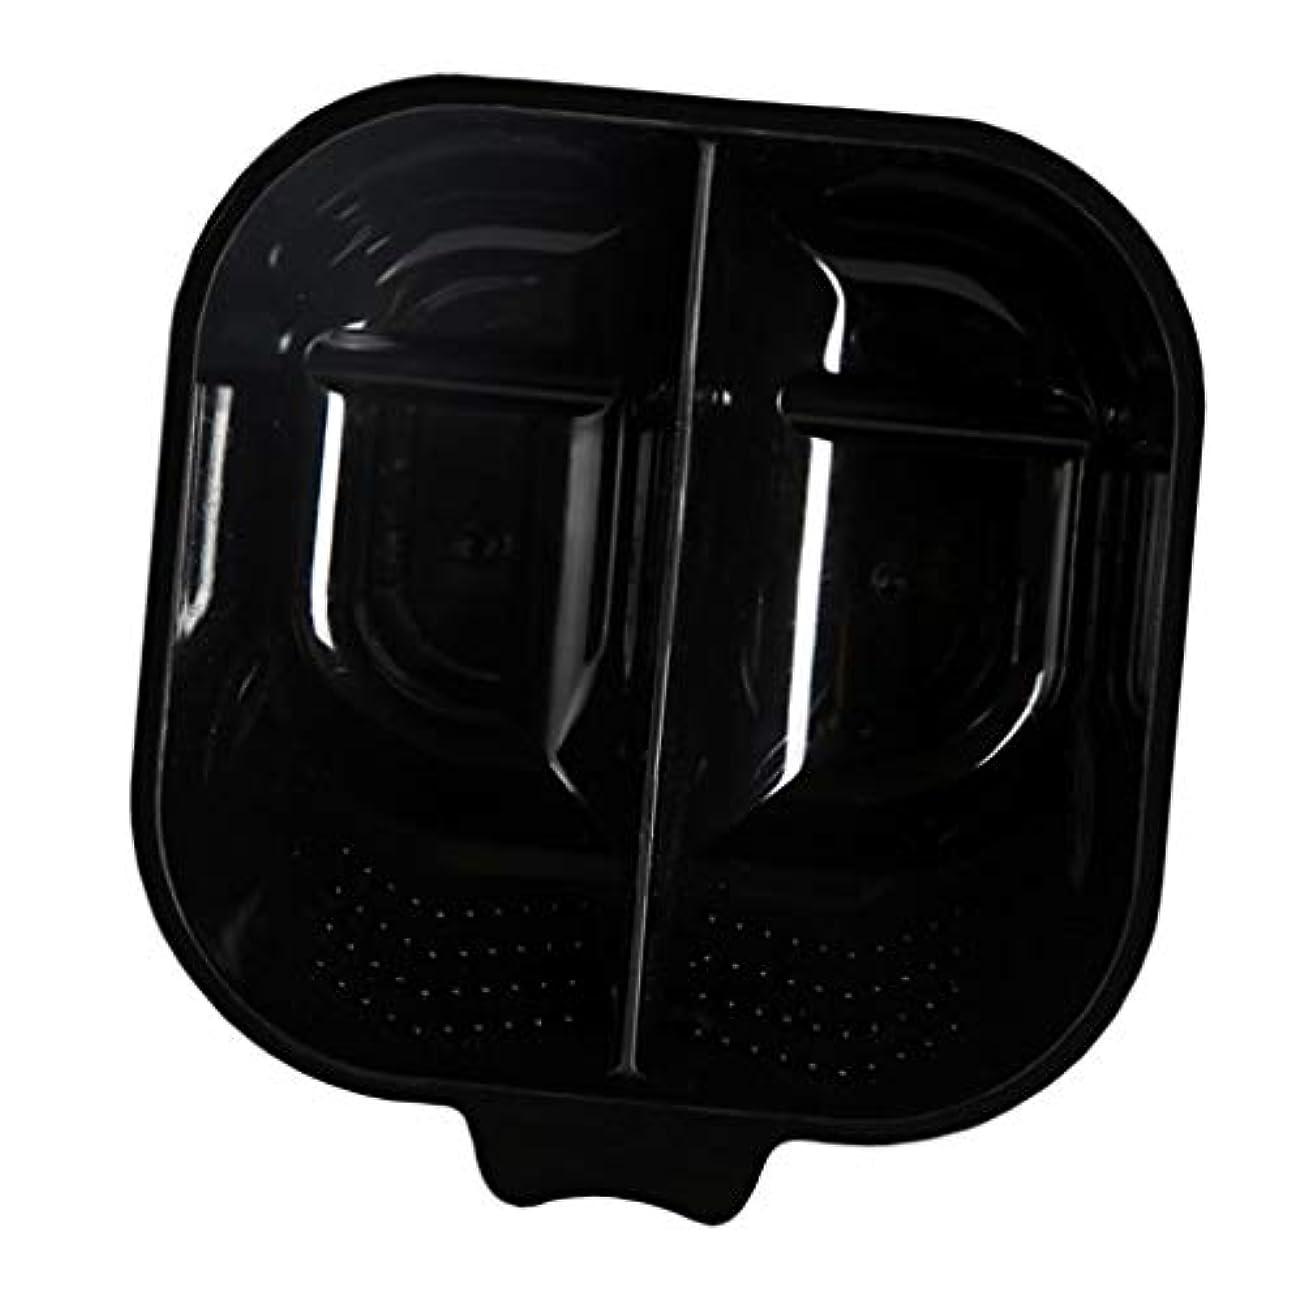 無臭議論する学部ヘアカップ ヘアカラーボウル ヘアダイカップ 染料 混合ボール 滑り止め サロン 自宅 便利 全3色 - ブラック